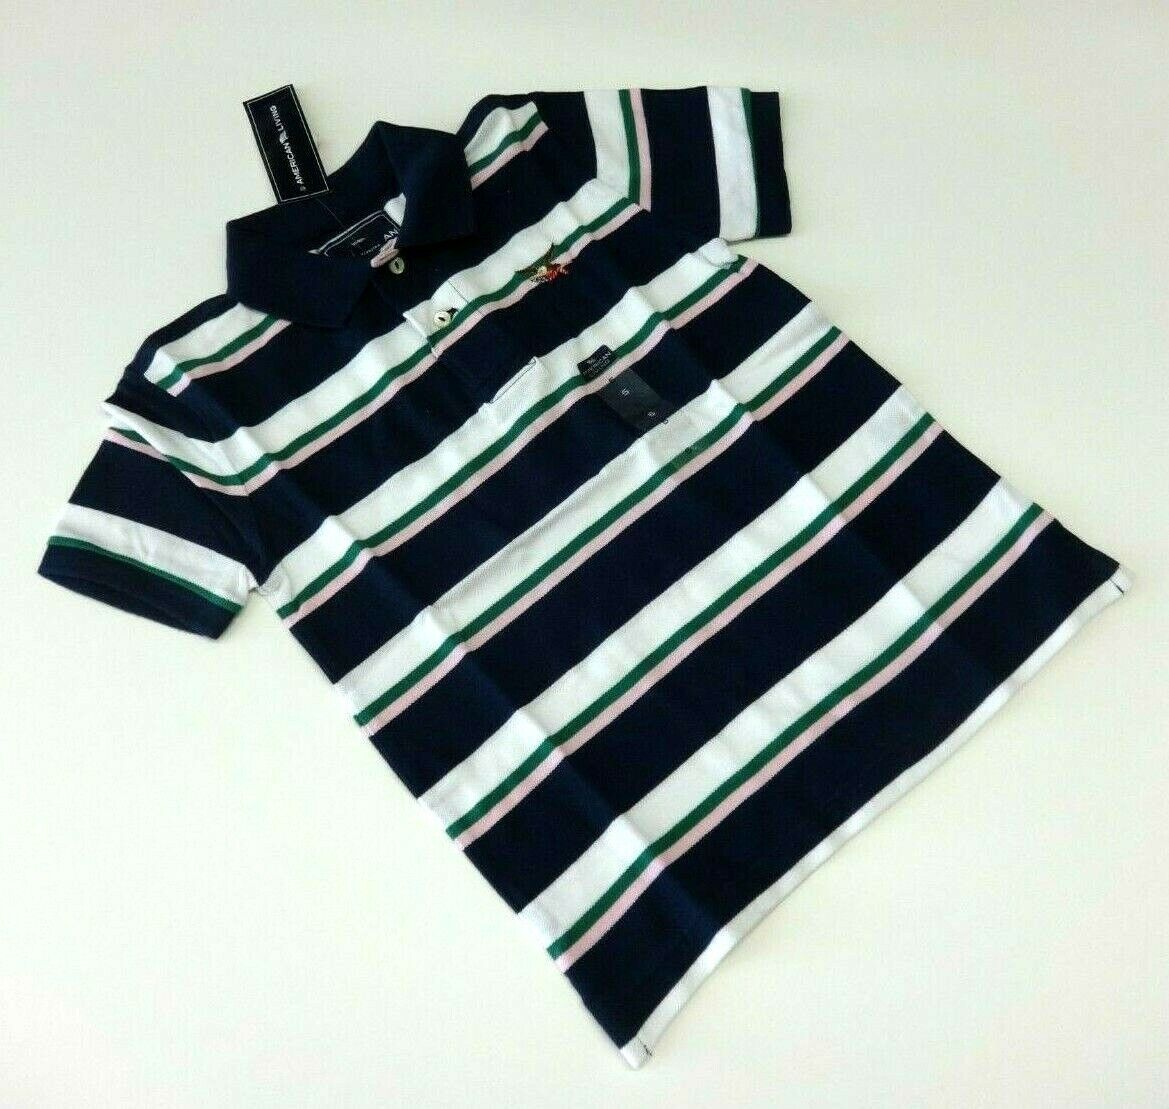 Poloshirt T-Shirt 104/110 gestreift USA size 5 t Junge Polohemd Sommer neu BW